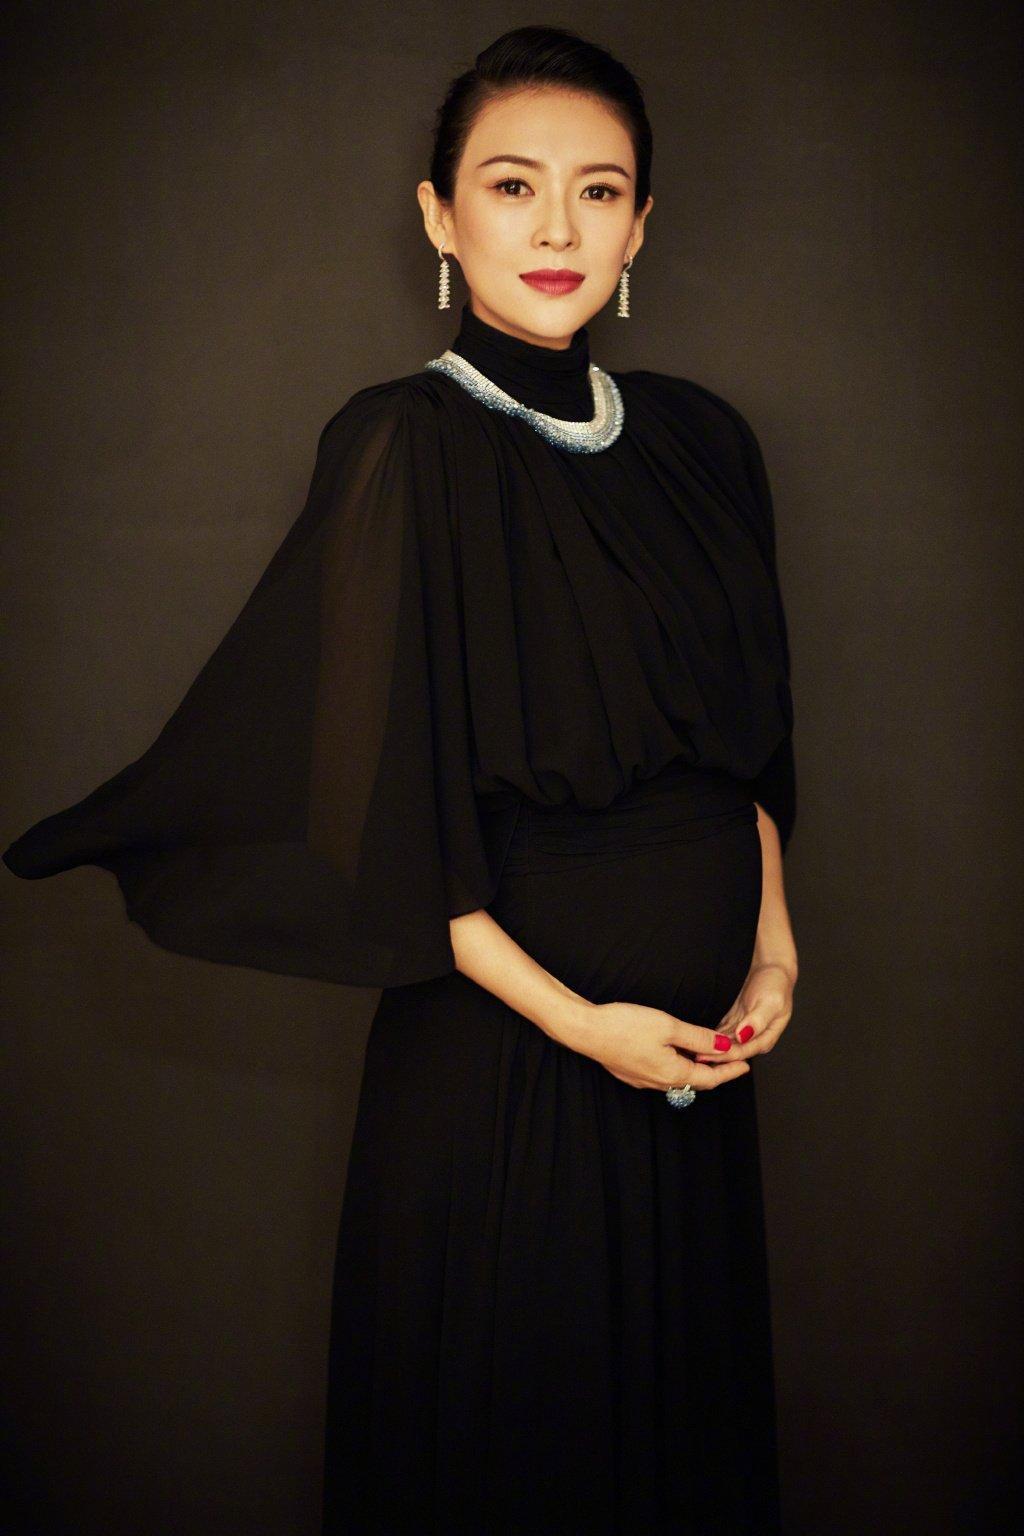 章子怡黑纱长裙优雅写真图片